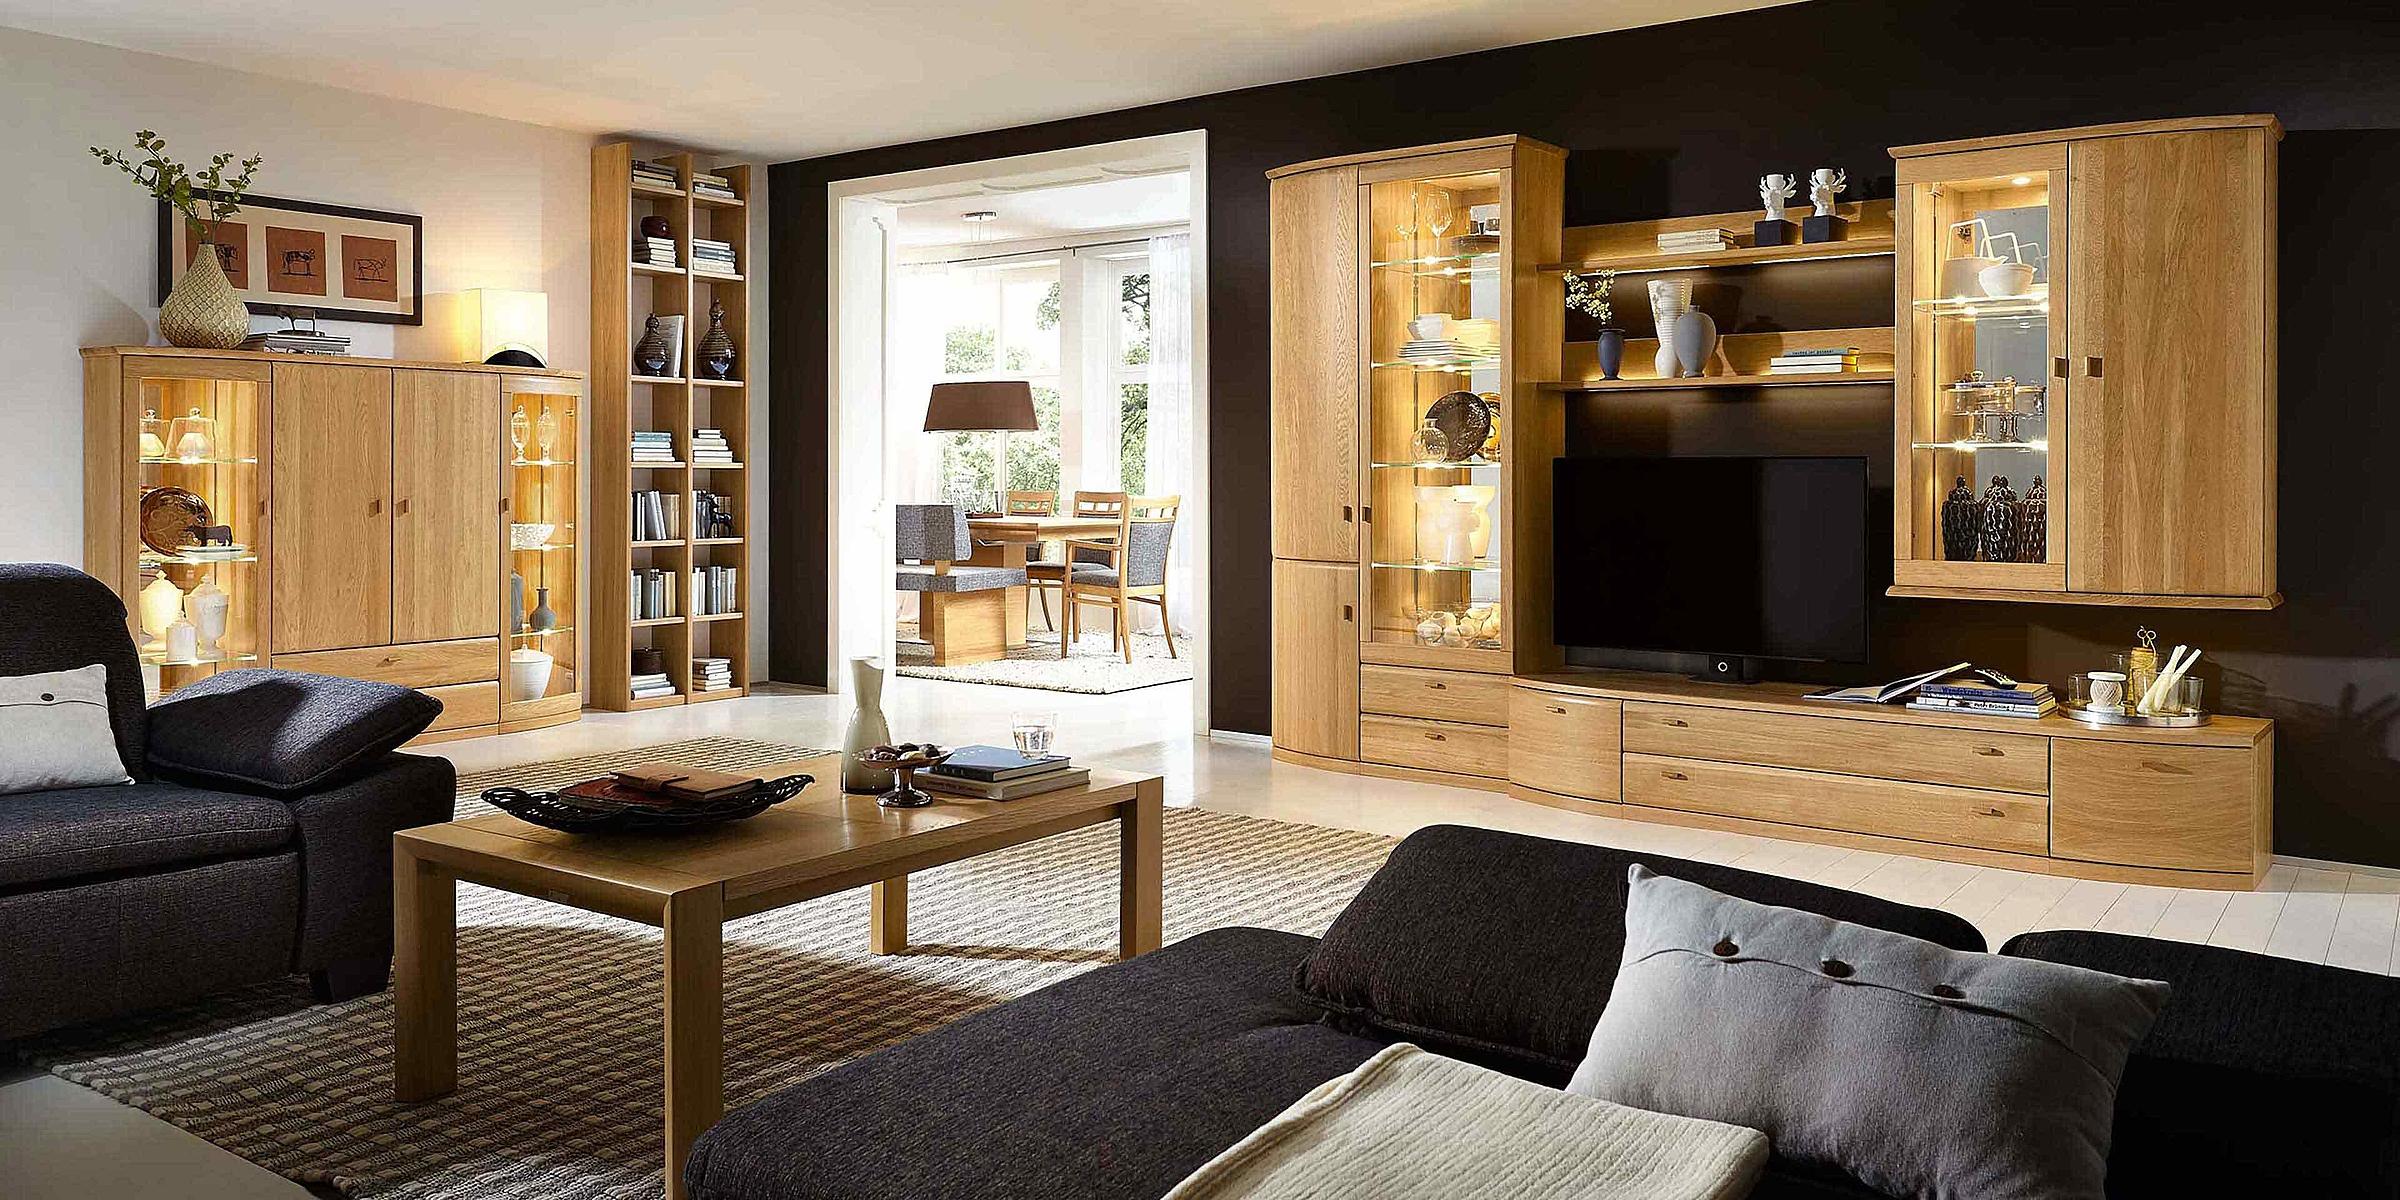 Vitrine Regal Wohnwand Couchtisch Wohnzimmer Opus Holz Eiche sand massiv